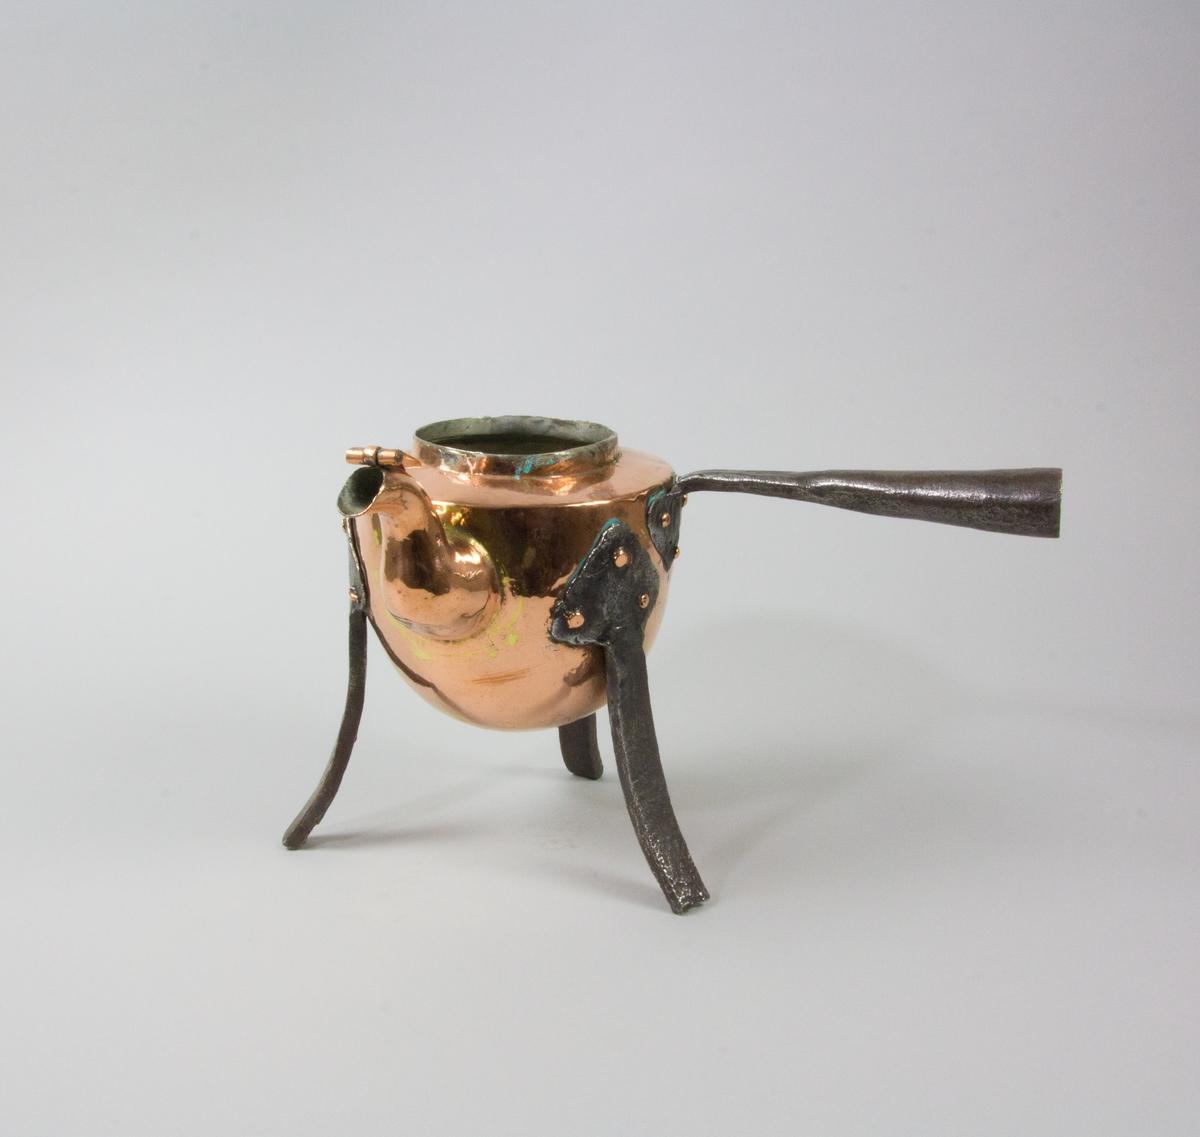 Kaffepanna tillverkad av koppar. Svängd pip med lövformat lock. Förtent insida. Handtag av järn, bockat för en förlängning av trä. Tre svagt svängda ben av järn med hjärtformade fästen nitade mot pannan.